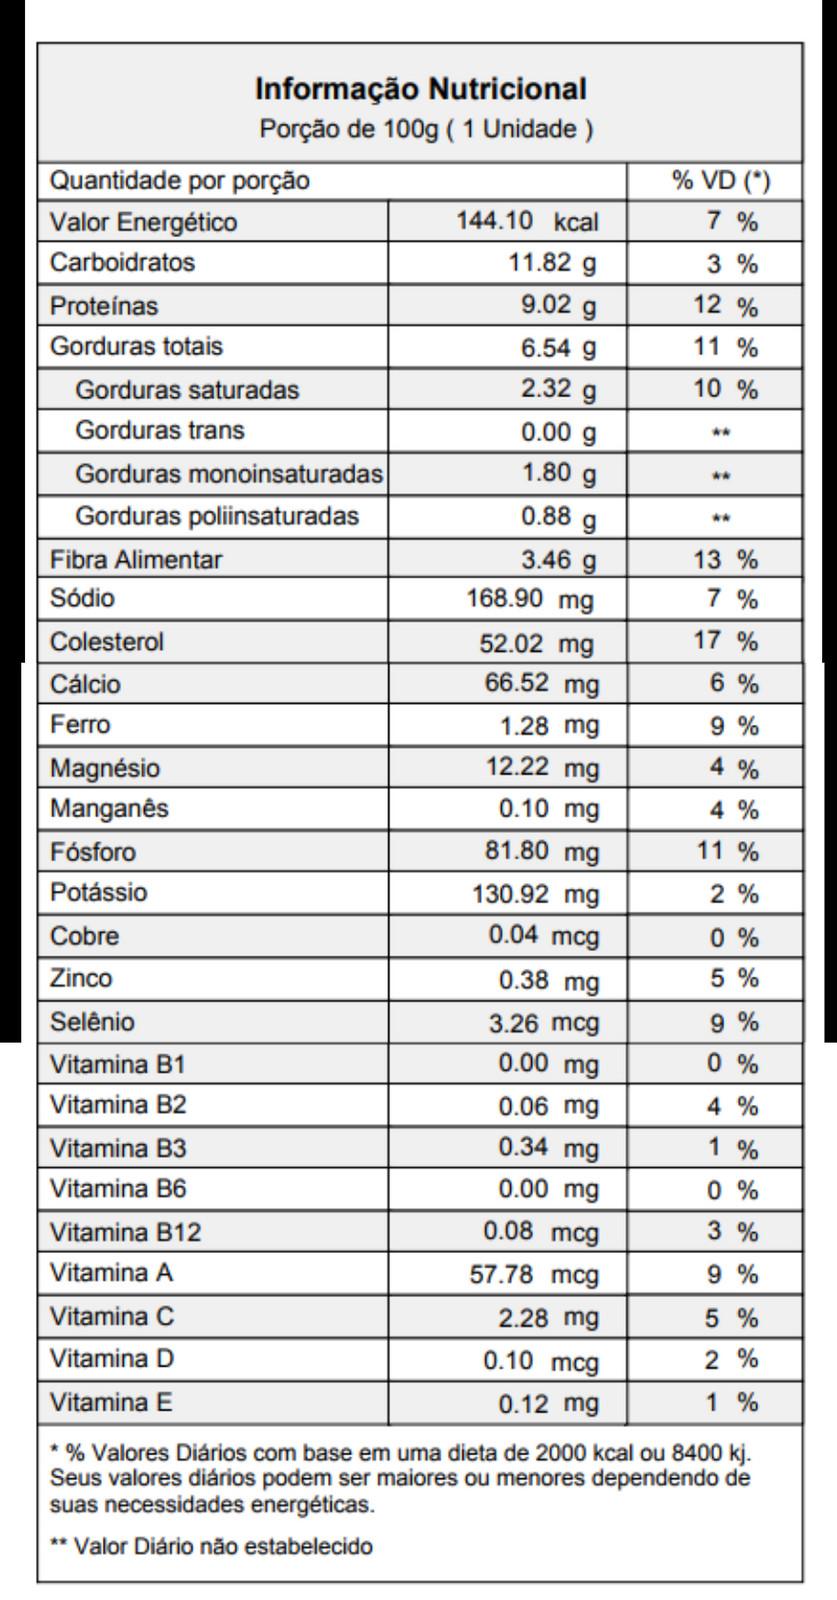 dieta e saude tabela nutricional